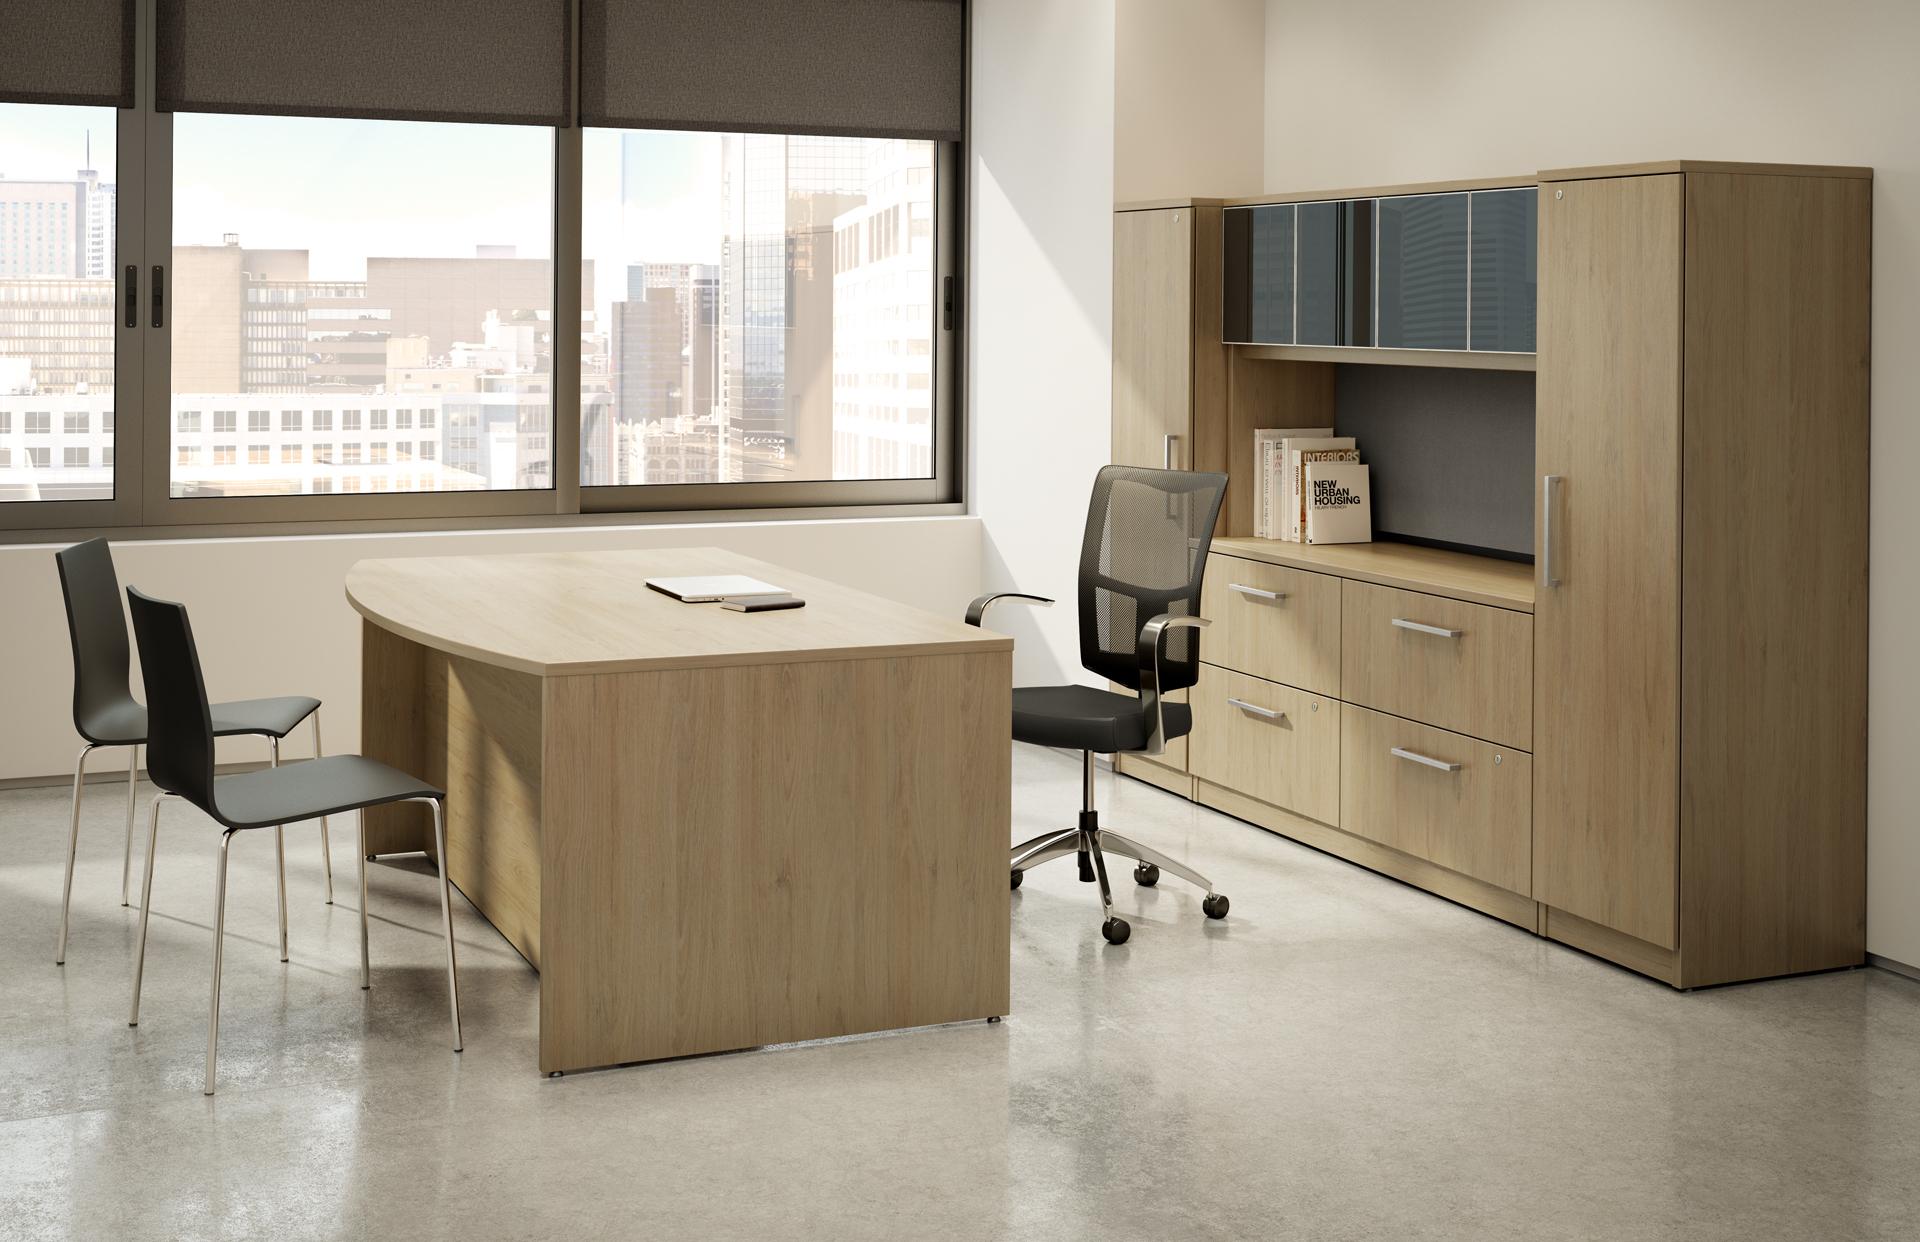 Meubles bureau et bureau sherbrooke qc maison bureau bureau